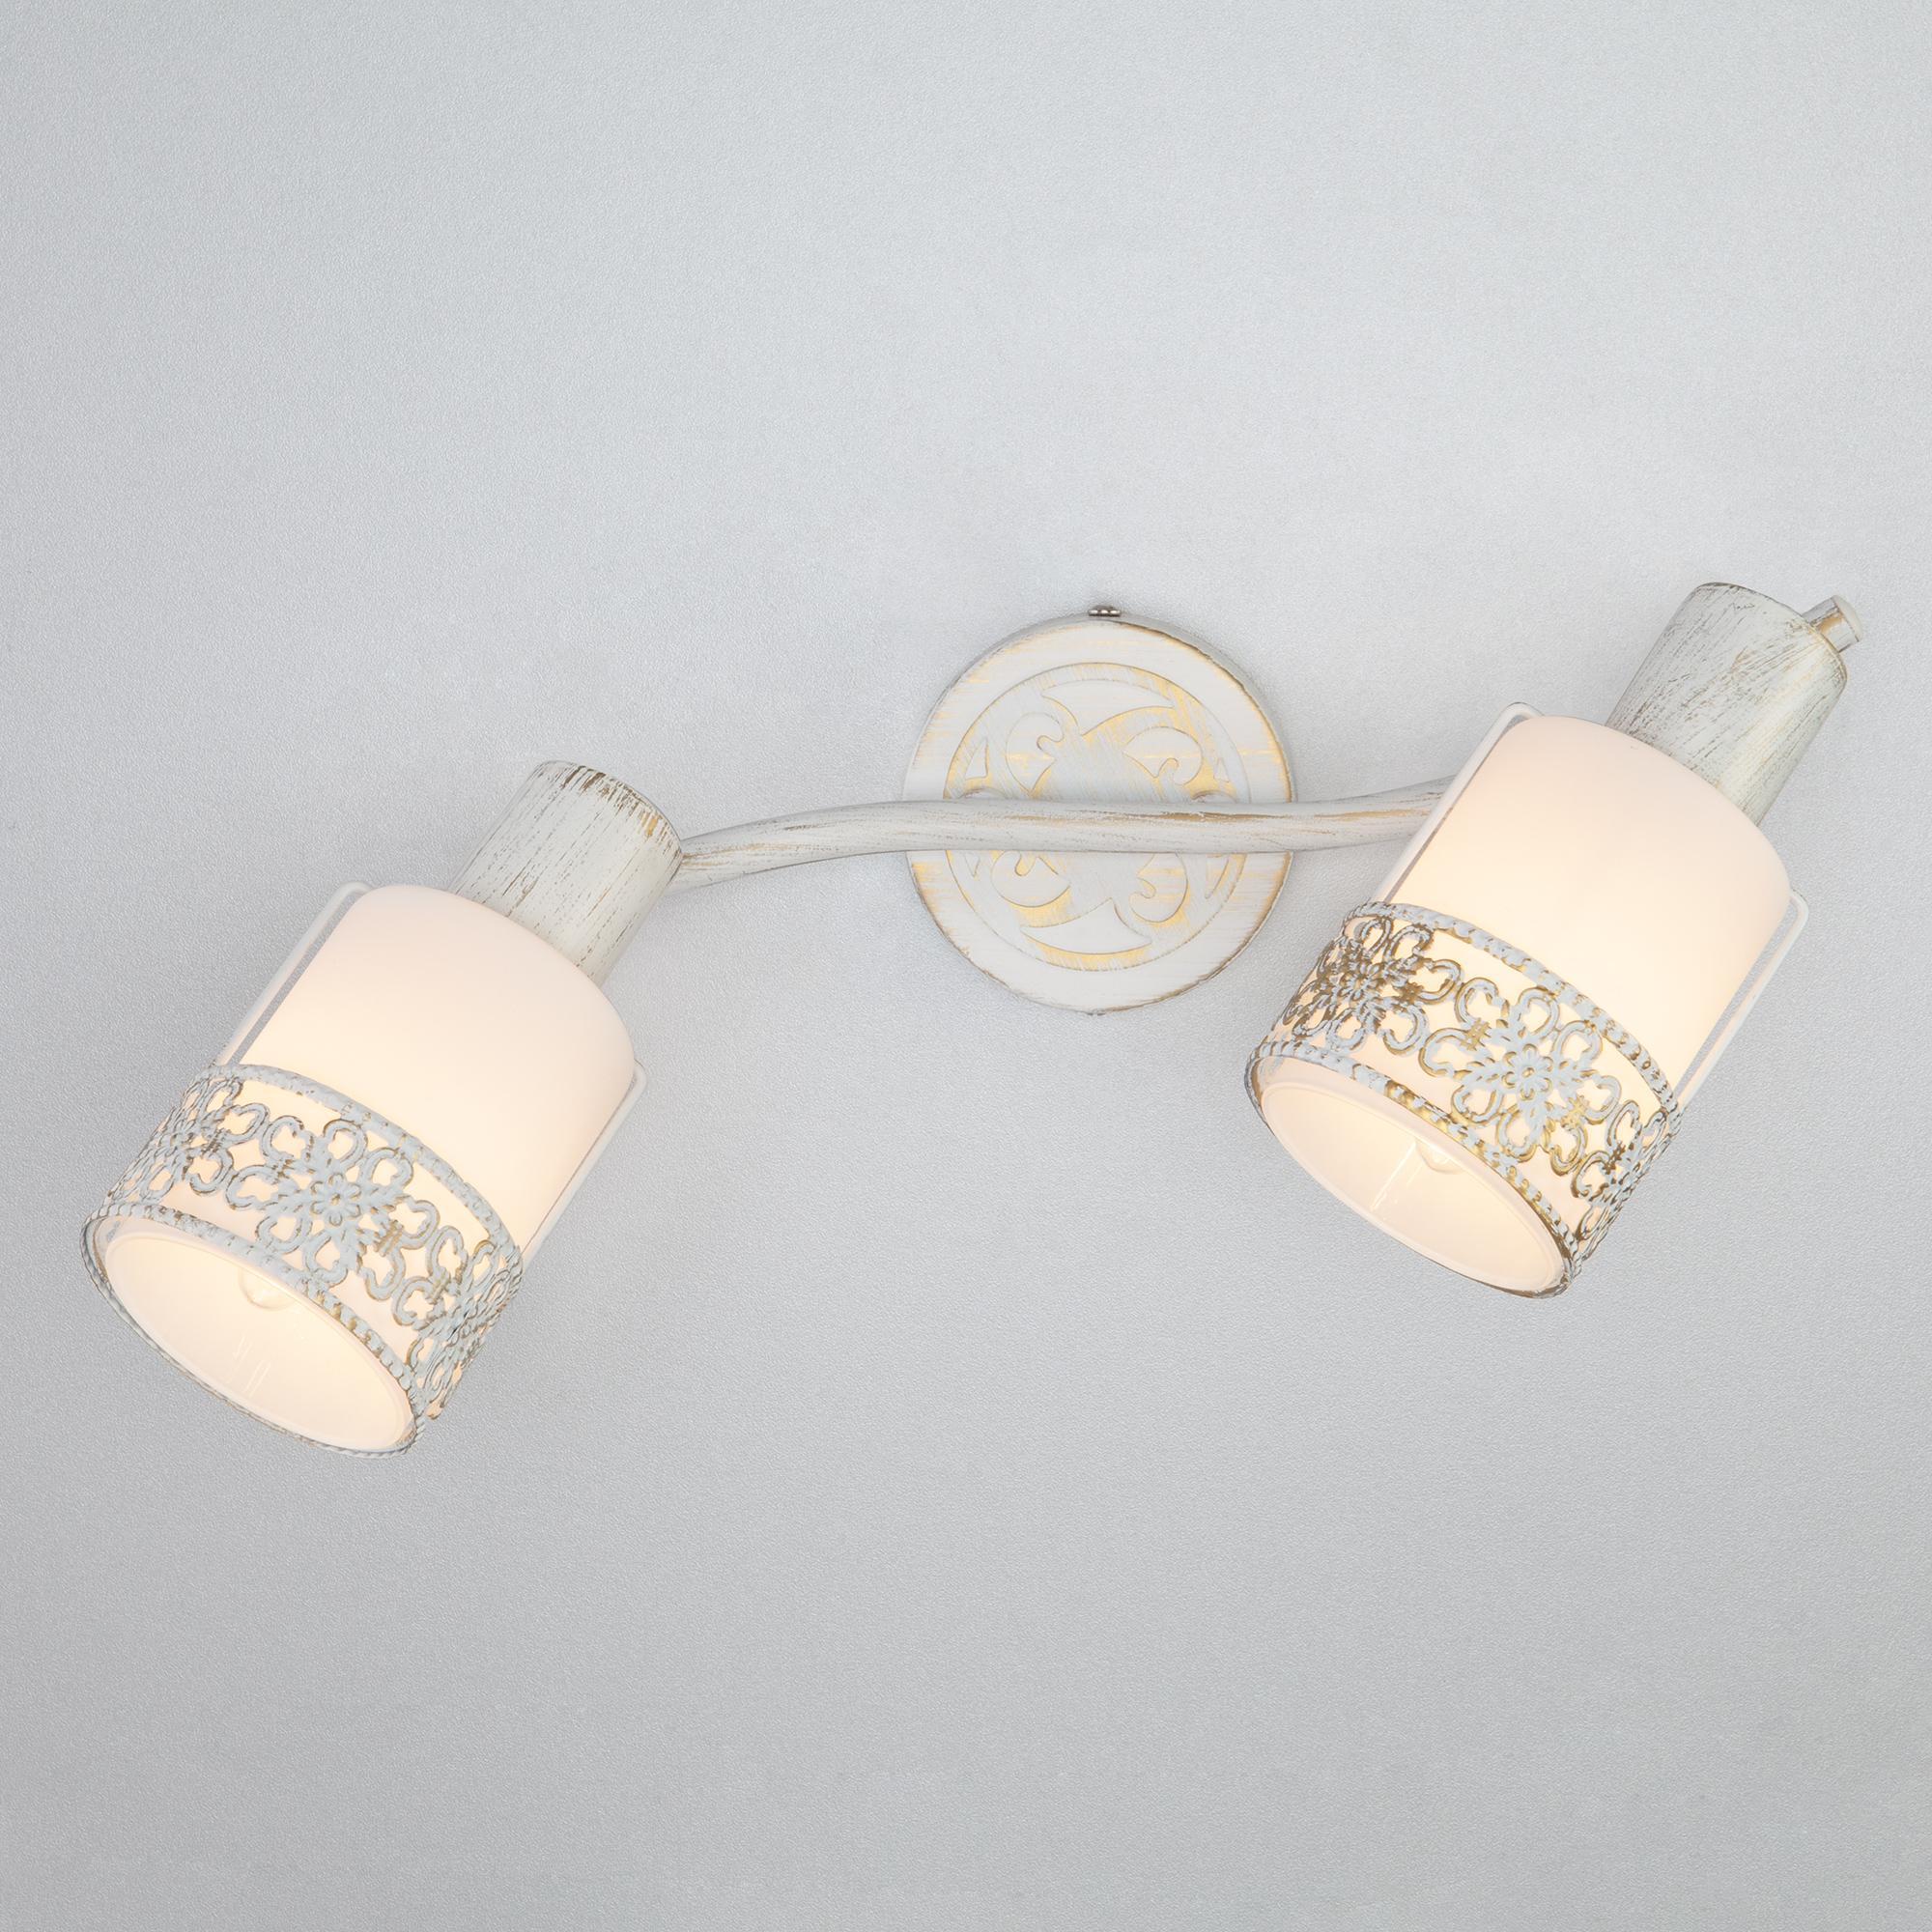 Настенный светильник Eurosvet 20025/2 белый с золотом